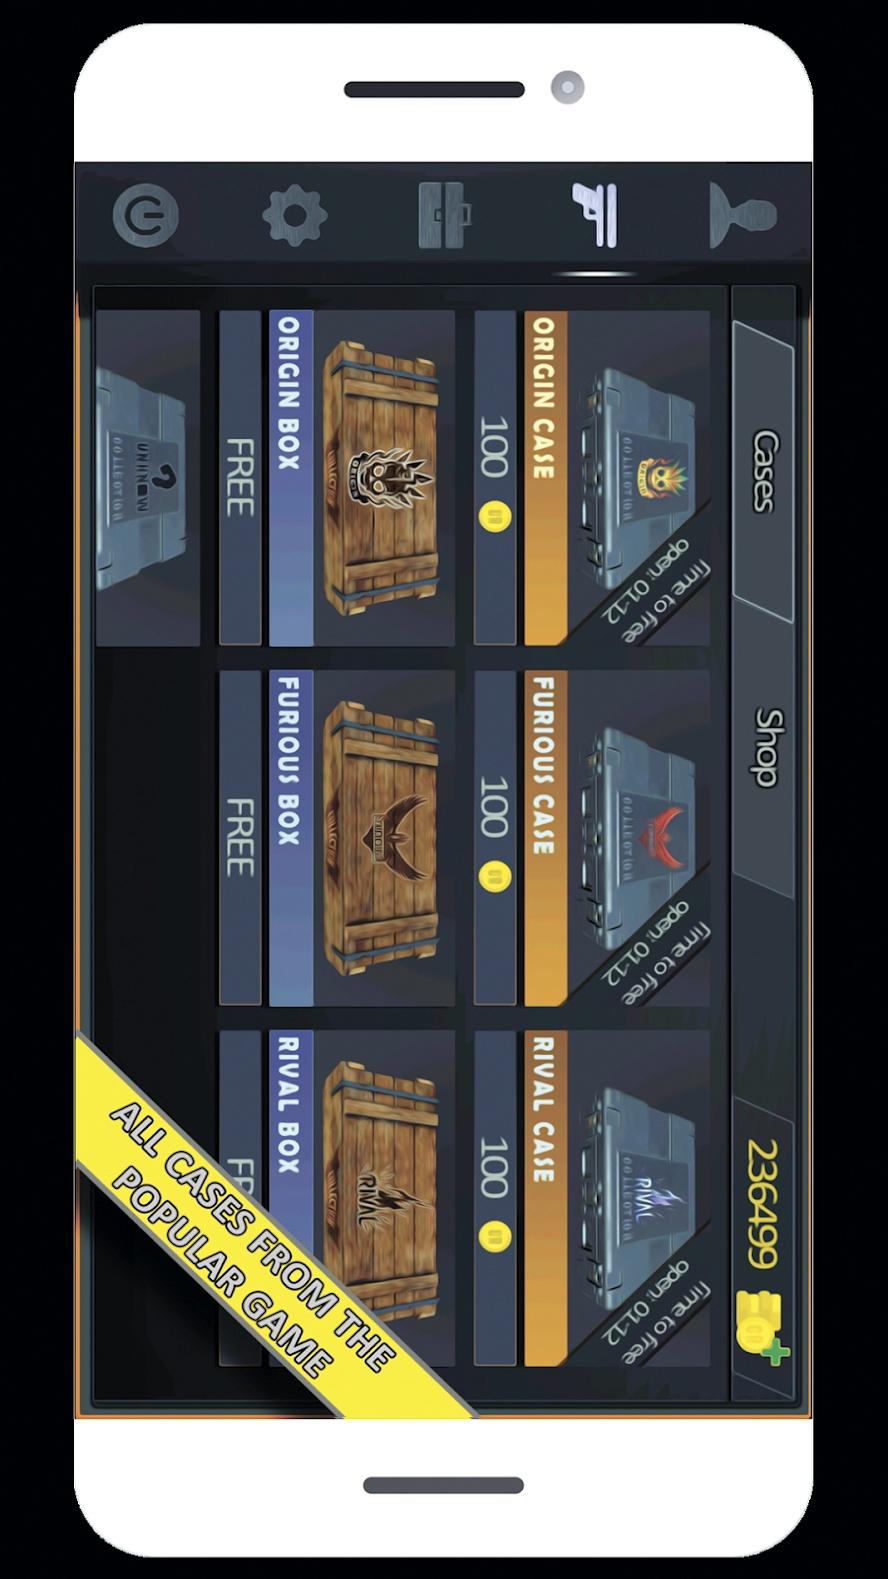 对峙2开箱模拟器游戏截图